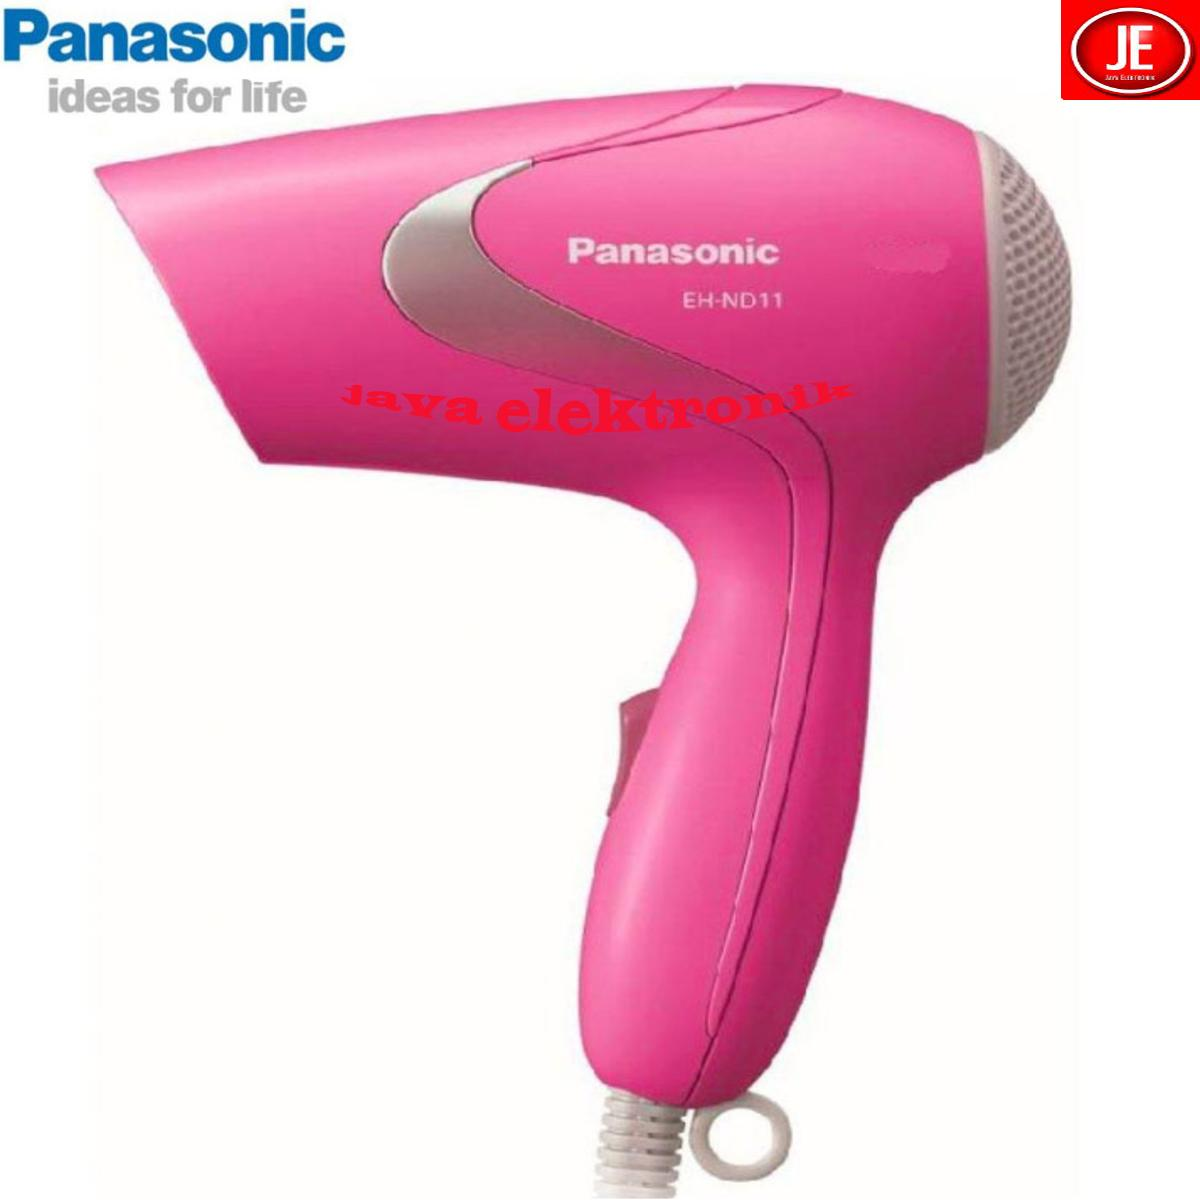 ... dan Fleco. Source · Detail Gambar Panasonic Hair Dryer EH-ND11  Pengering Rambut - Pink garansi resmi Terbaru 539195449e